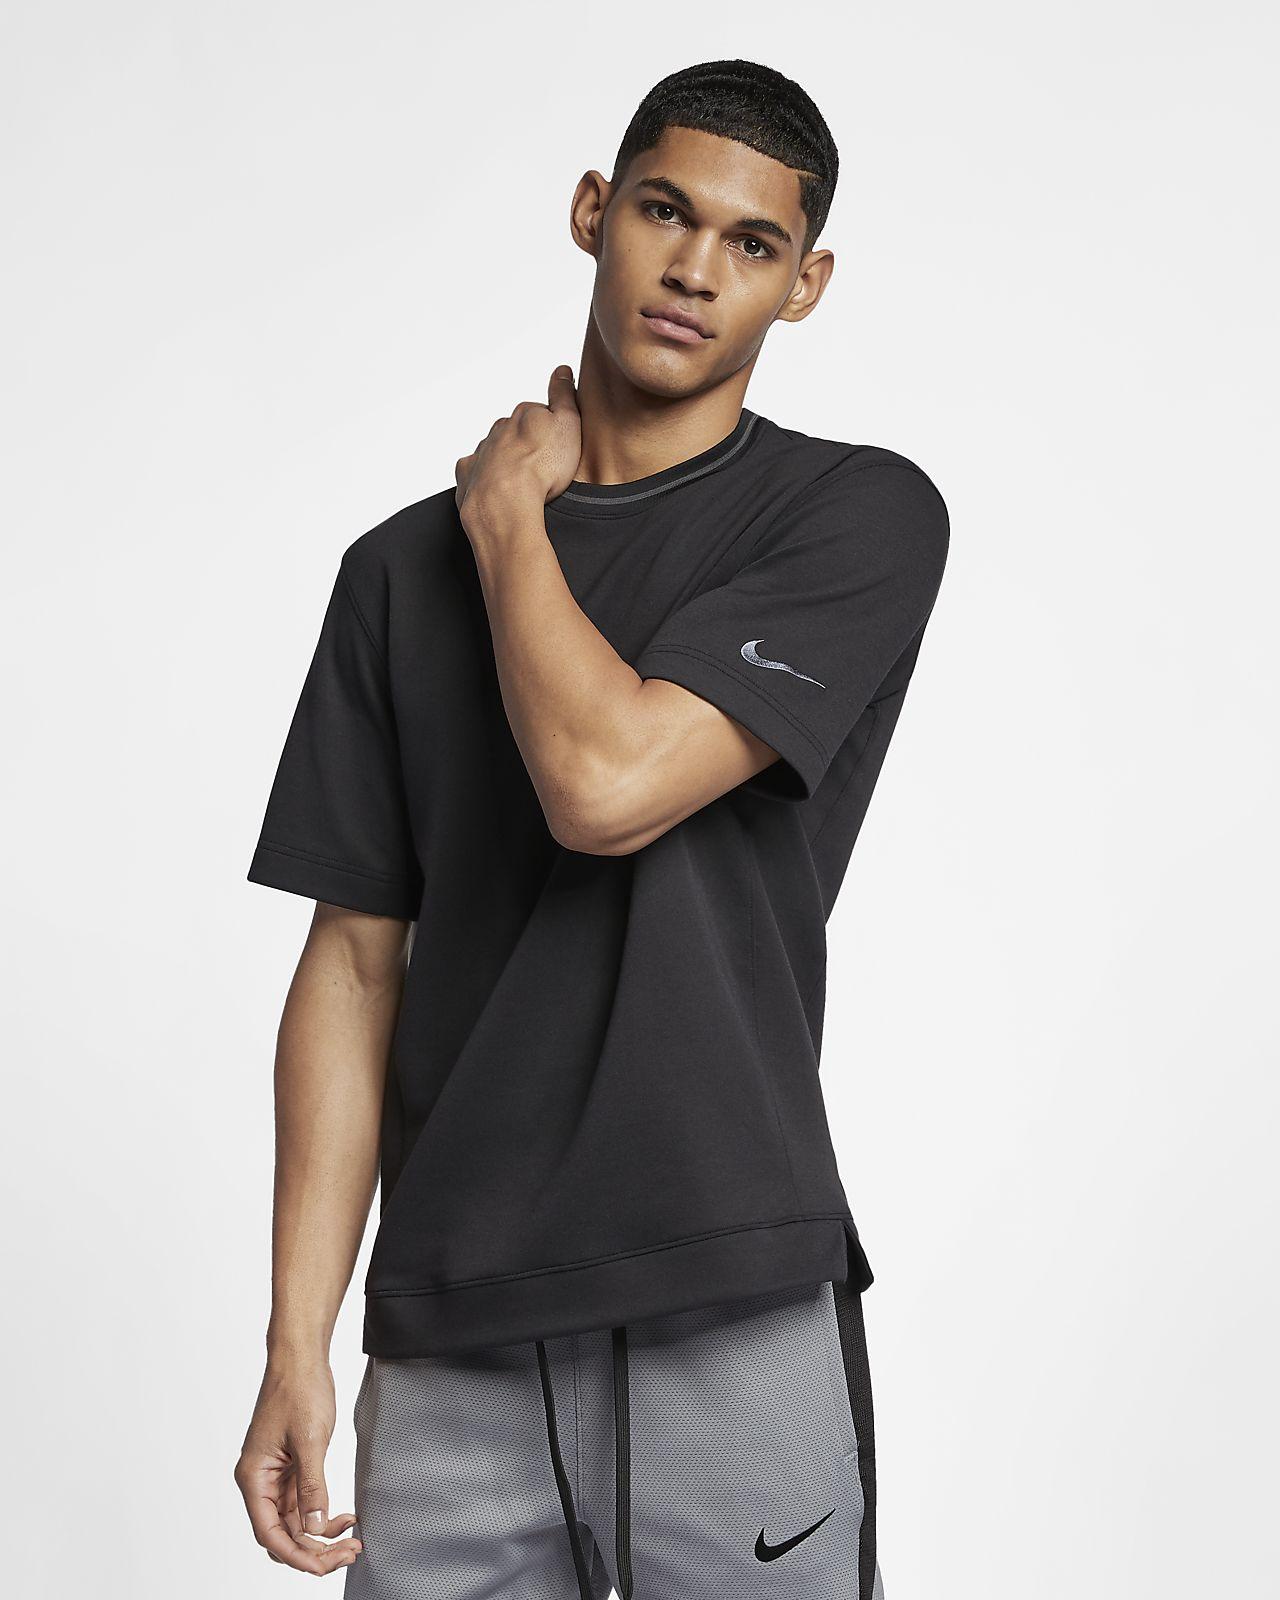 c3e7f854 Nike Dri-FIT Men's Short-Sleeve Basketball Top. Nike.com ZA